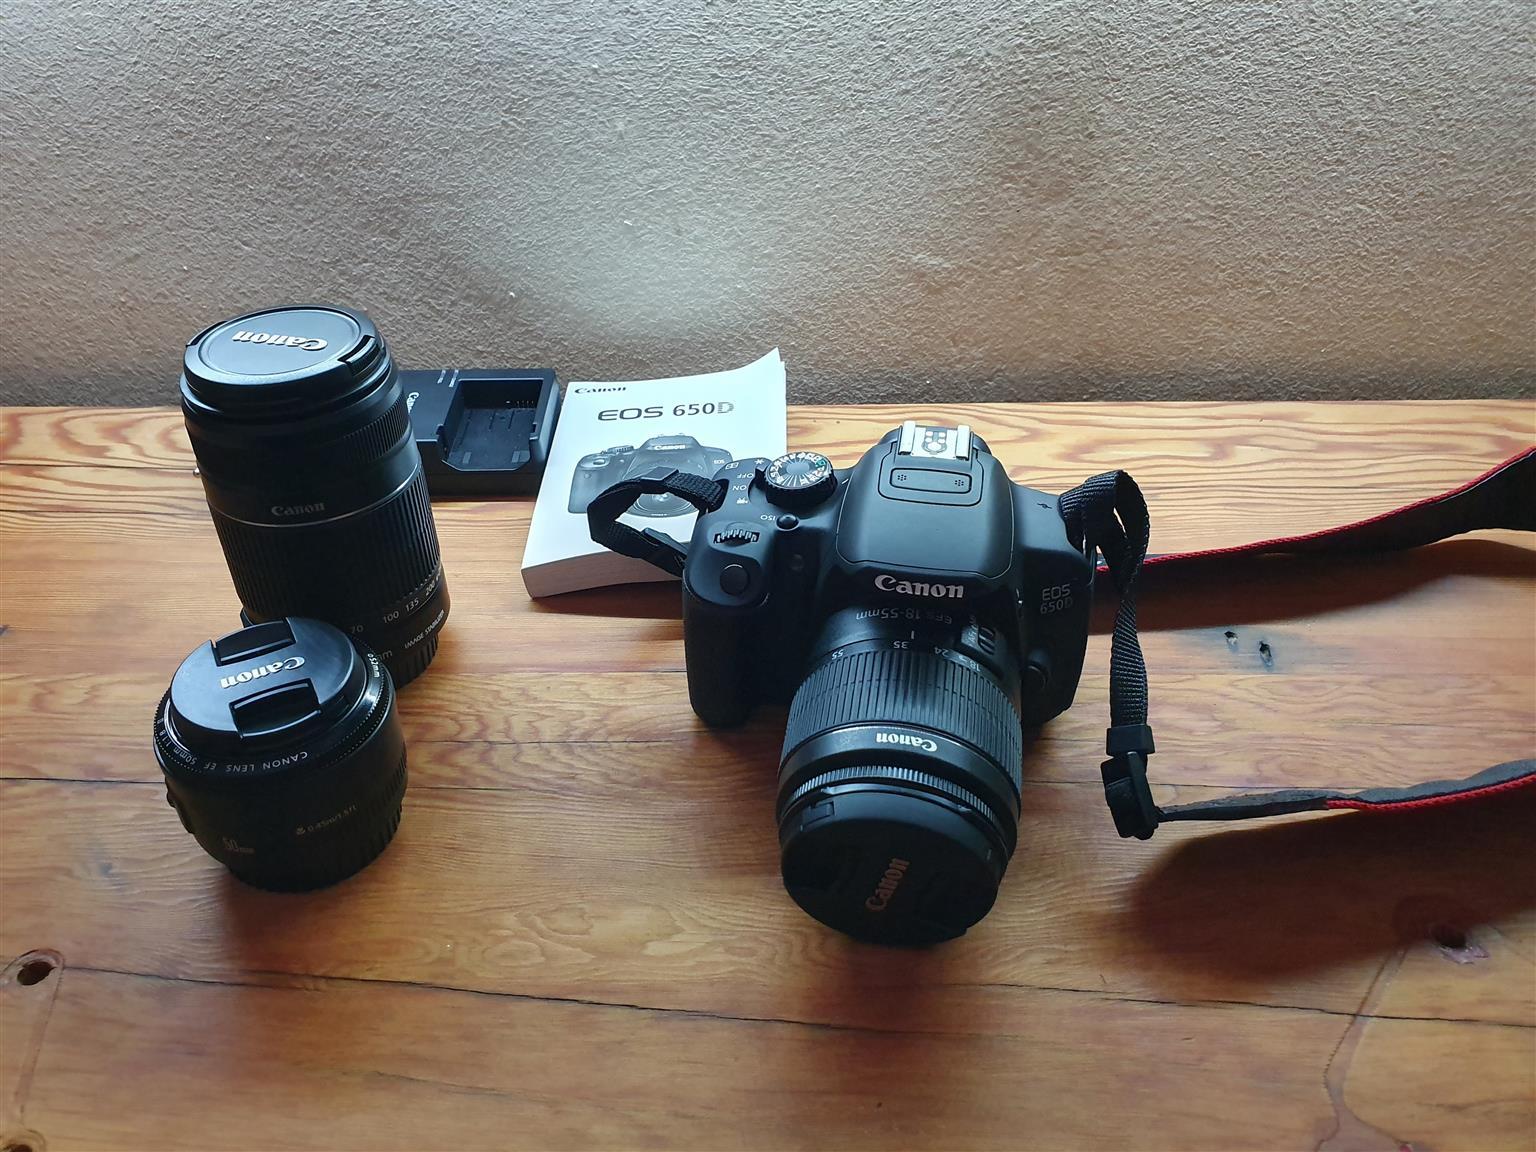 Canon EOS 650D SLR camera 3x lens kit